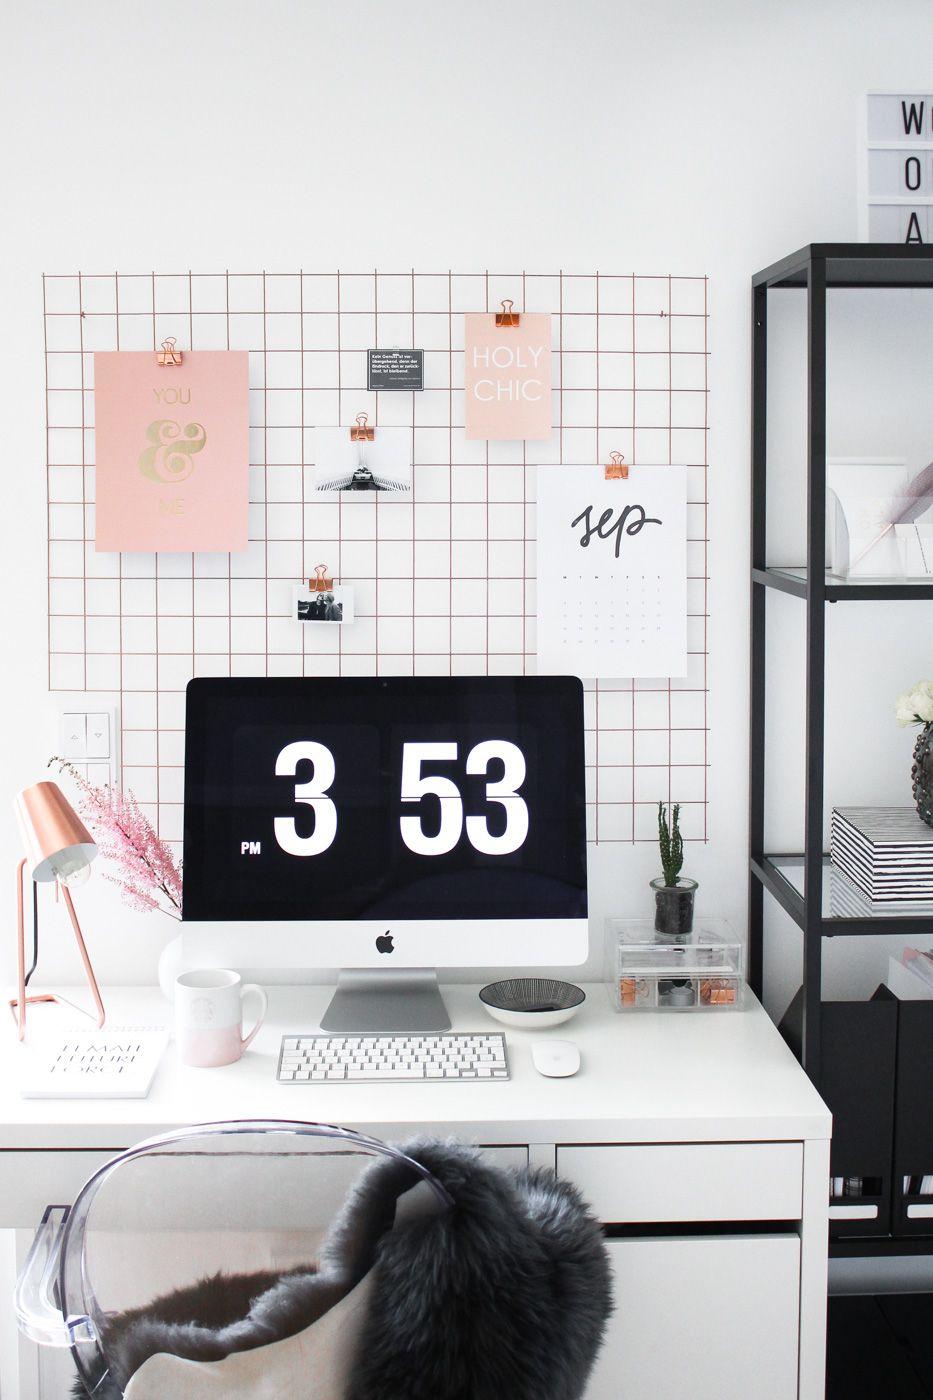 Lieblich Home Office | Heute Verrate Ich Euch, Wie Ich Von Zuhause Arbeite Und Wie